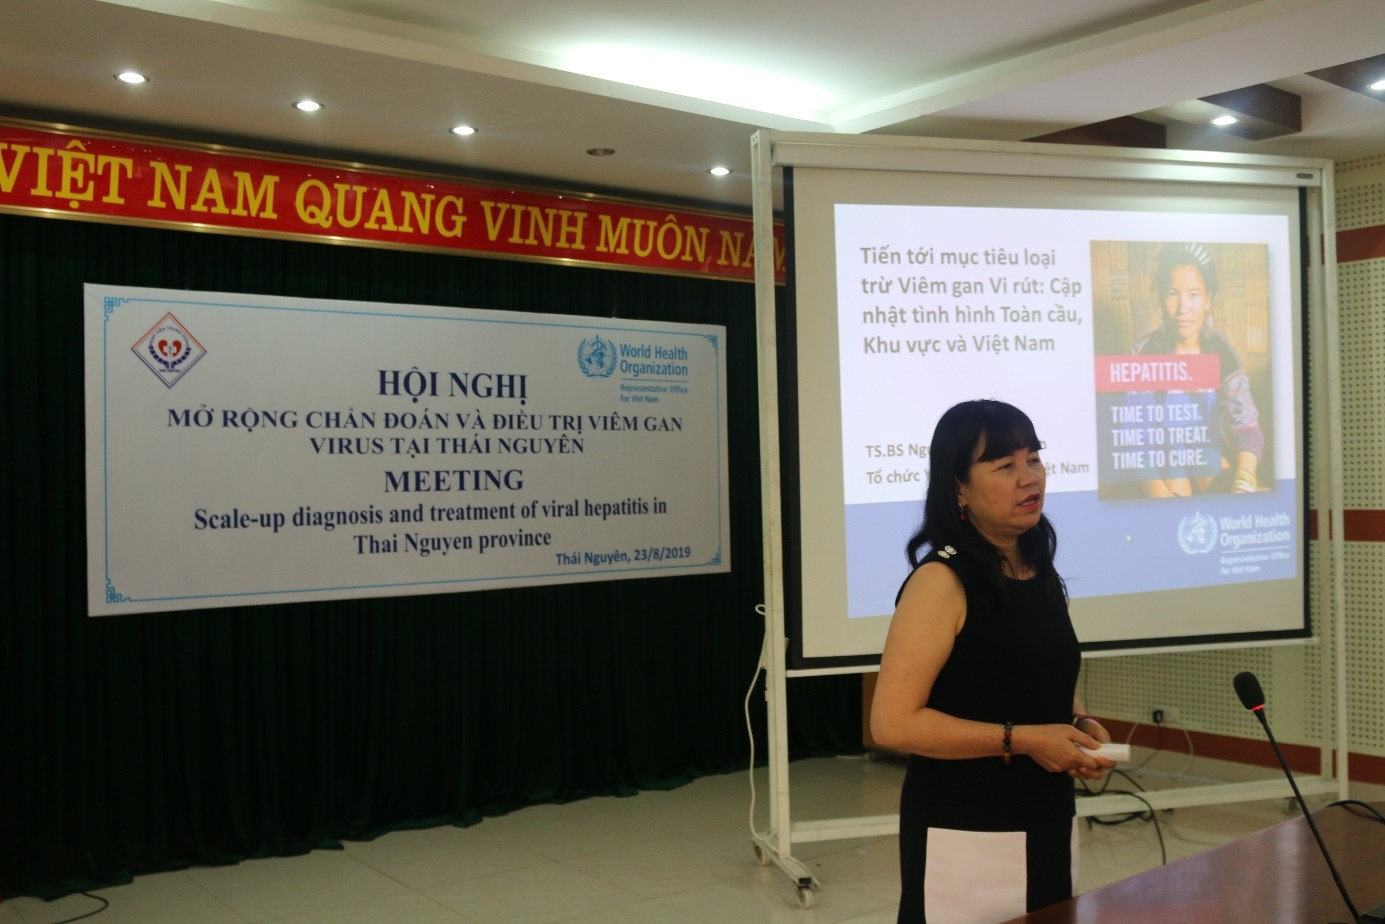 Triển khai quản lý, điều trị ngoại trú viêm gan virus mạn tại Bệnh viện Trung ương Thái Nguyên